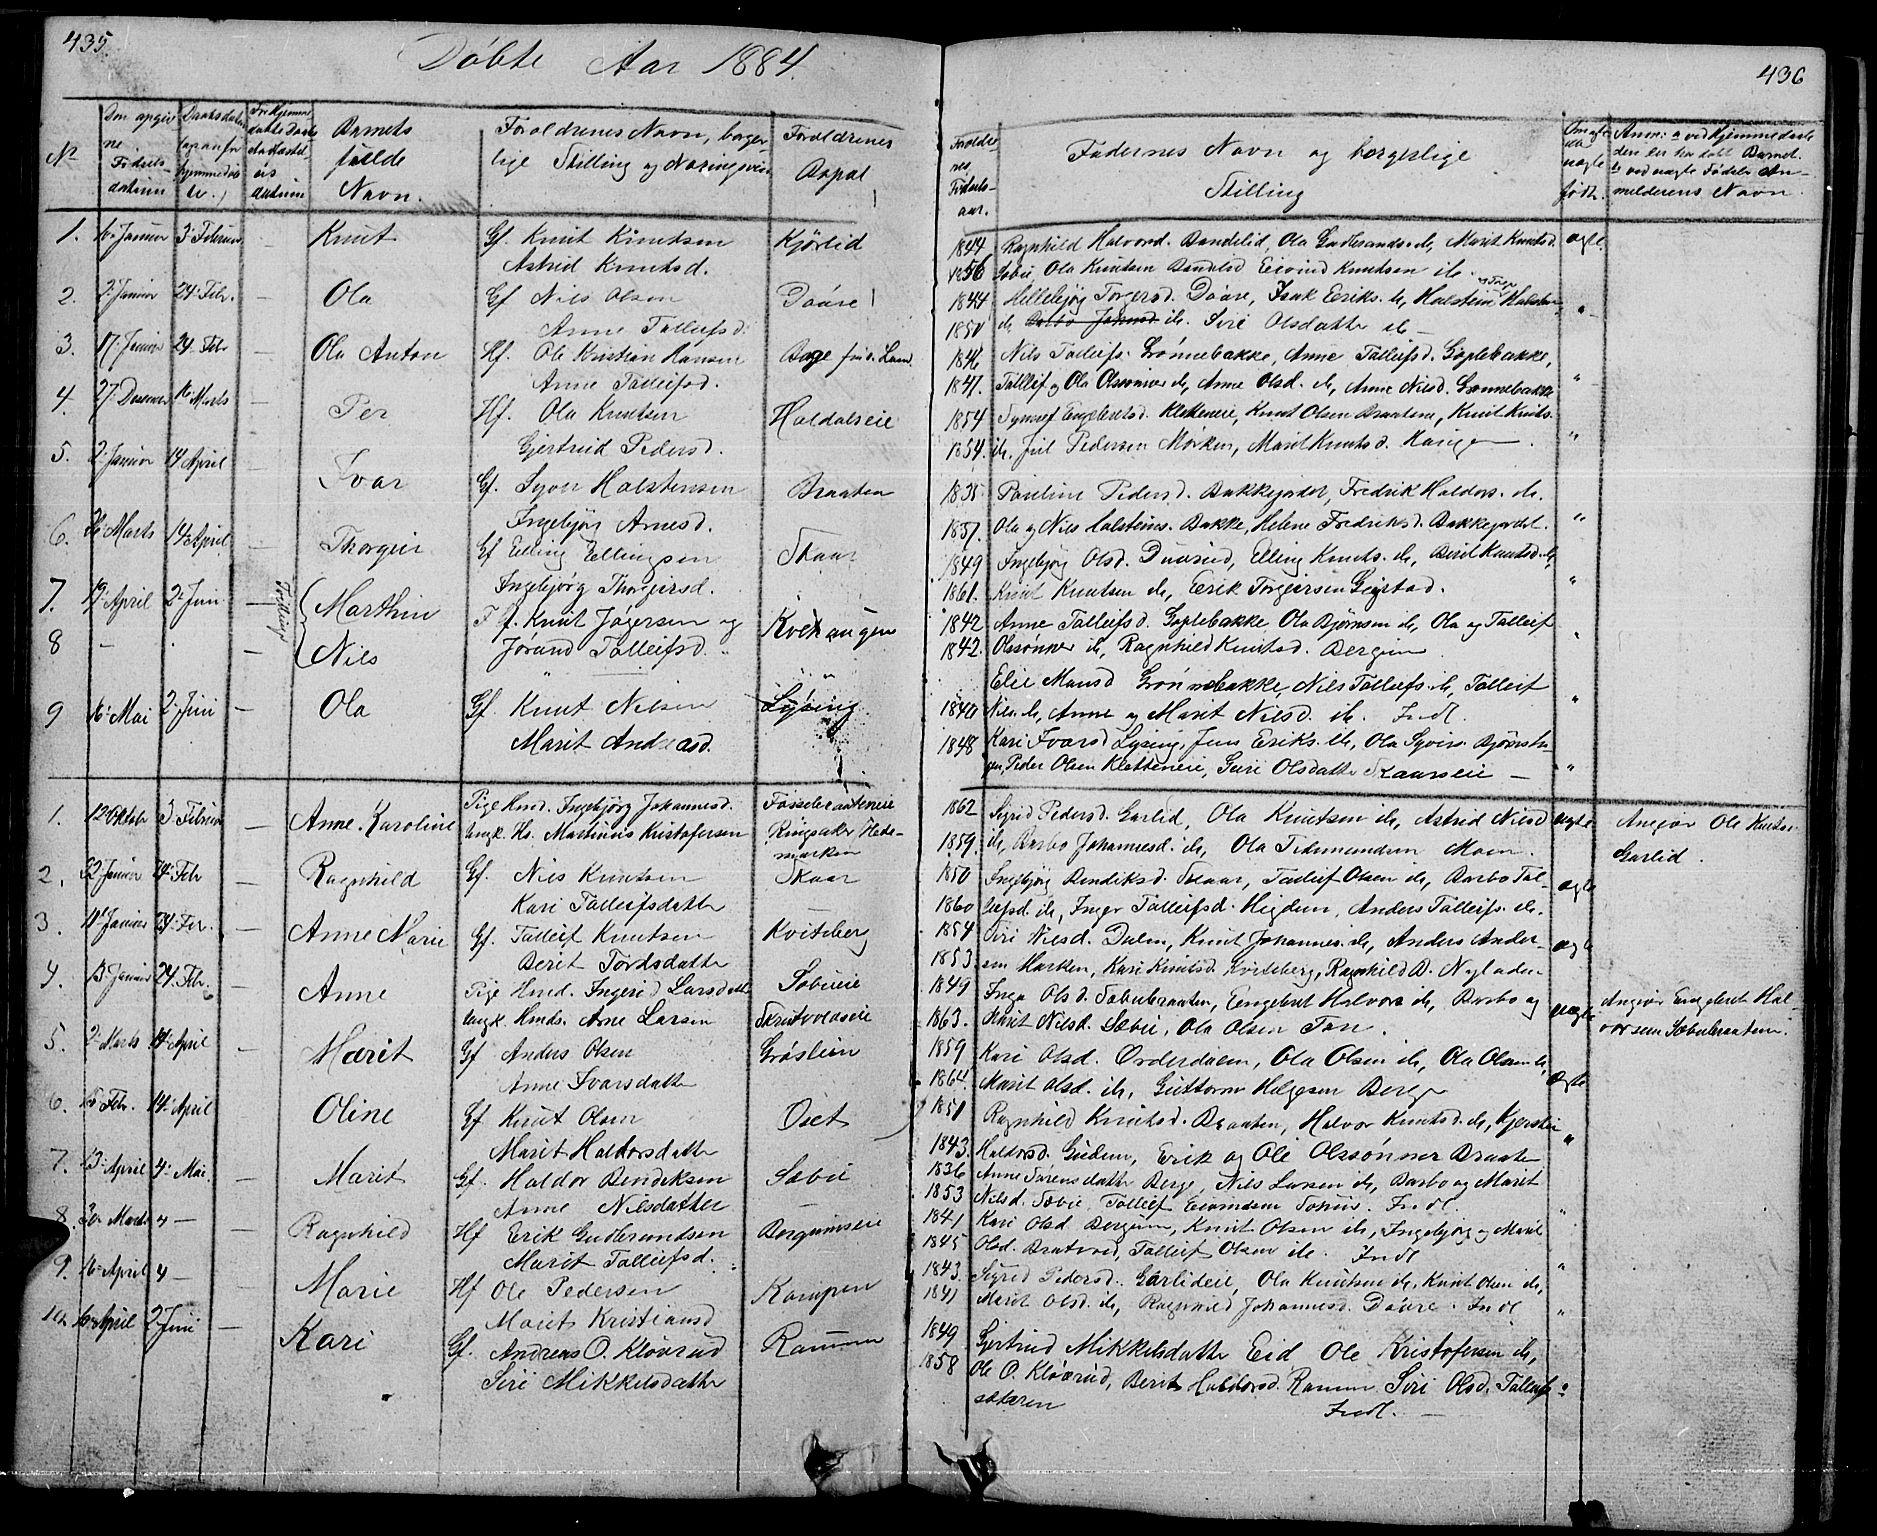 SAH, Nord-Aurdal prestekontor, Klokkerbok nr. 1, 1834-1887, s. 435-436